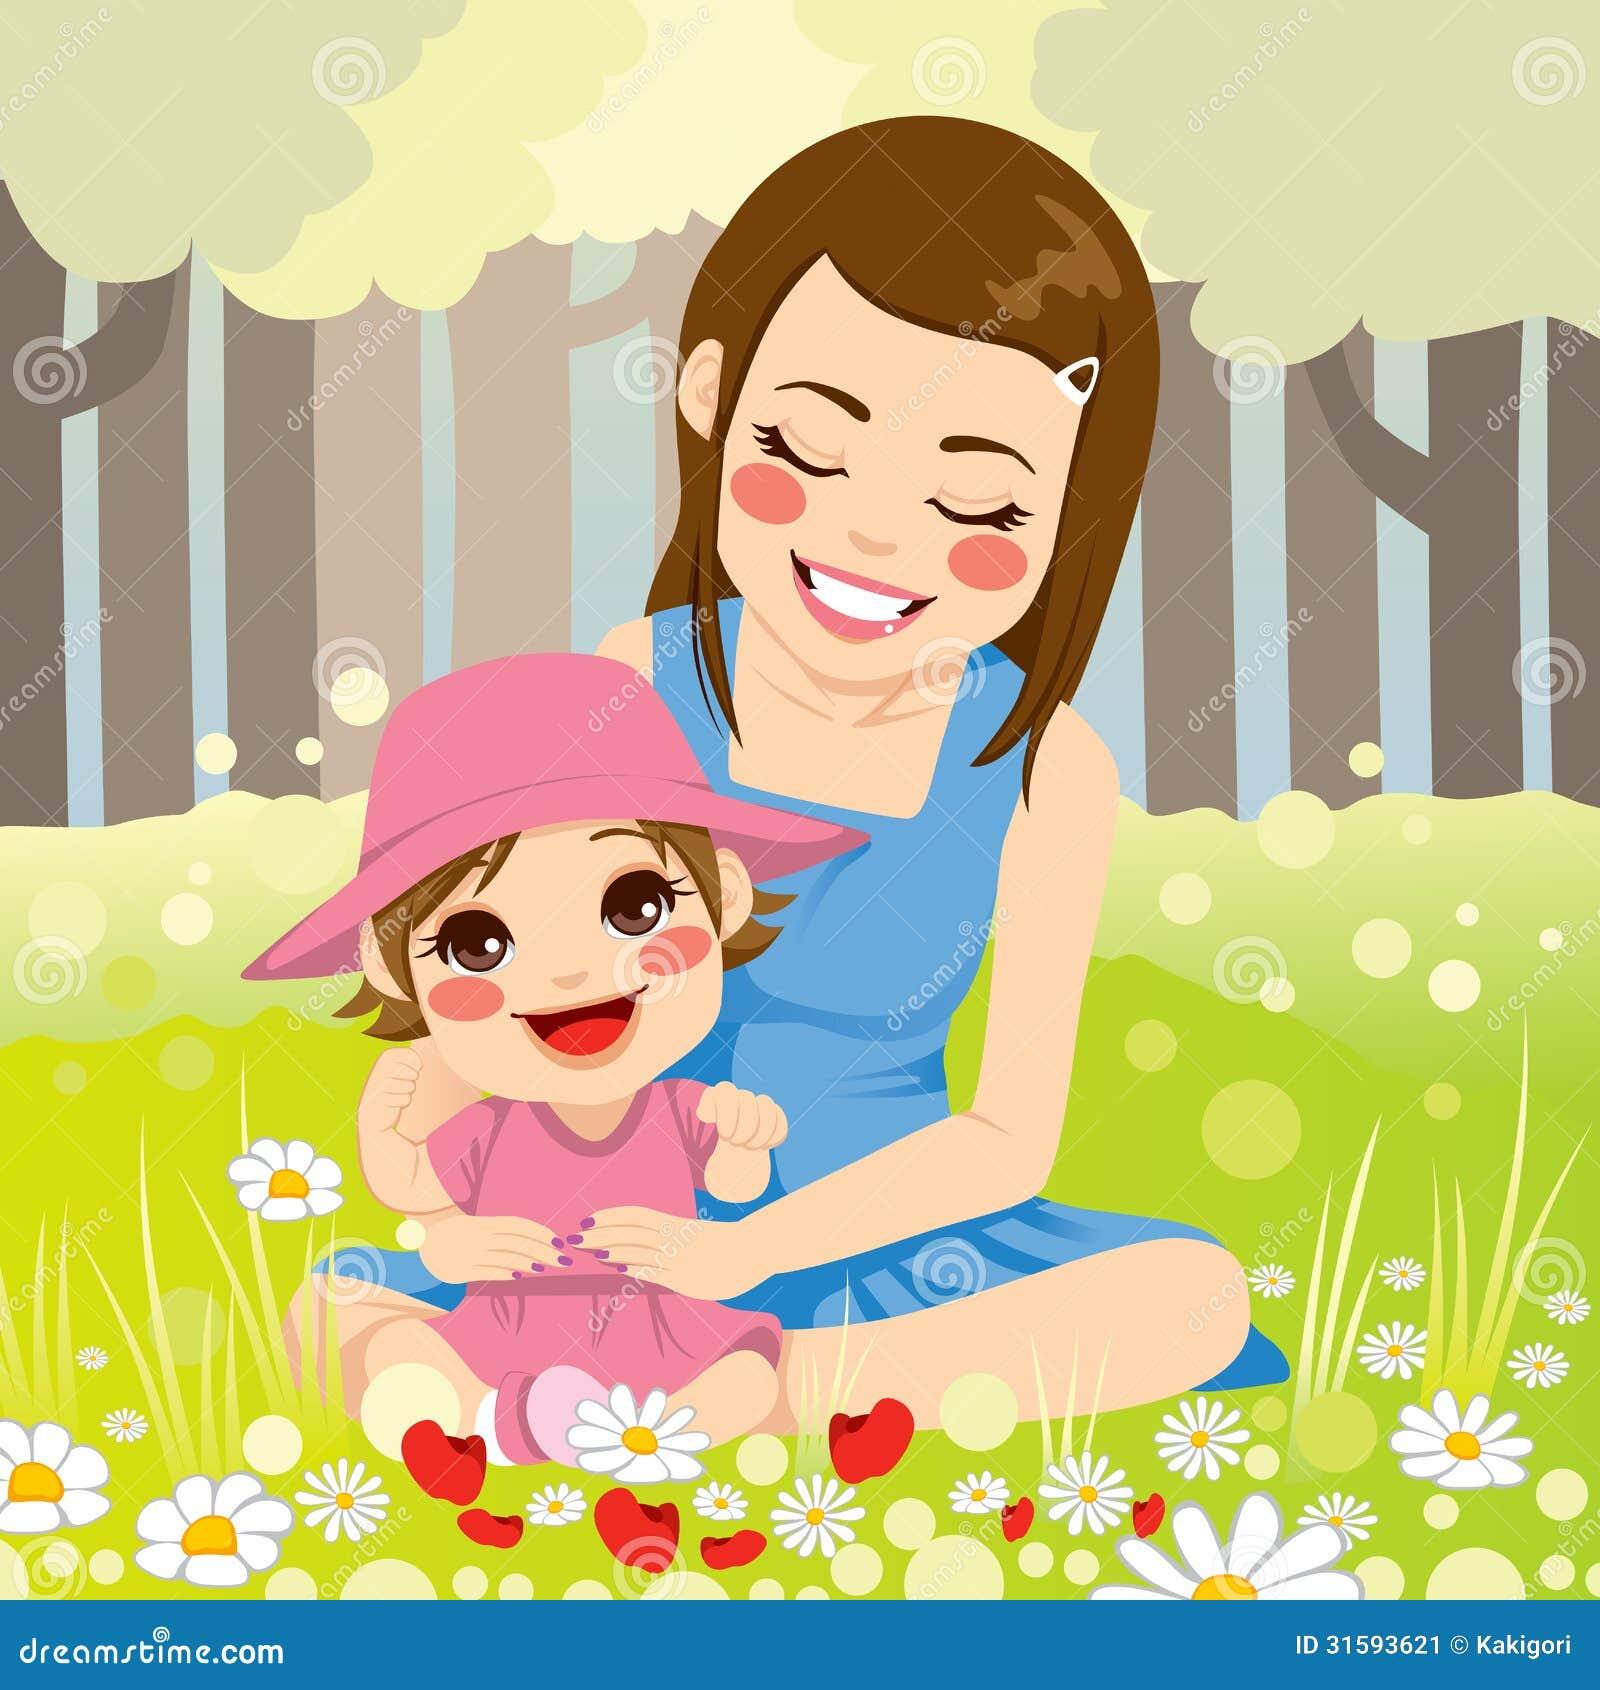 ... disfruta de la naturaleza con su pequeña hija adorable en el parque